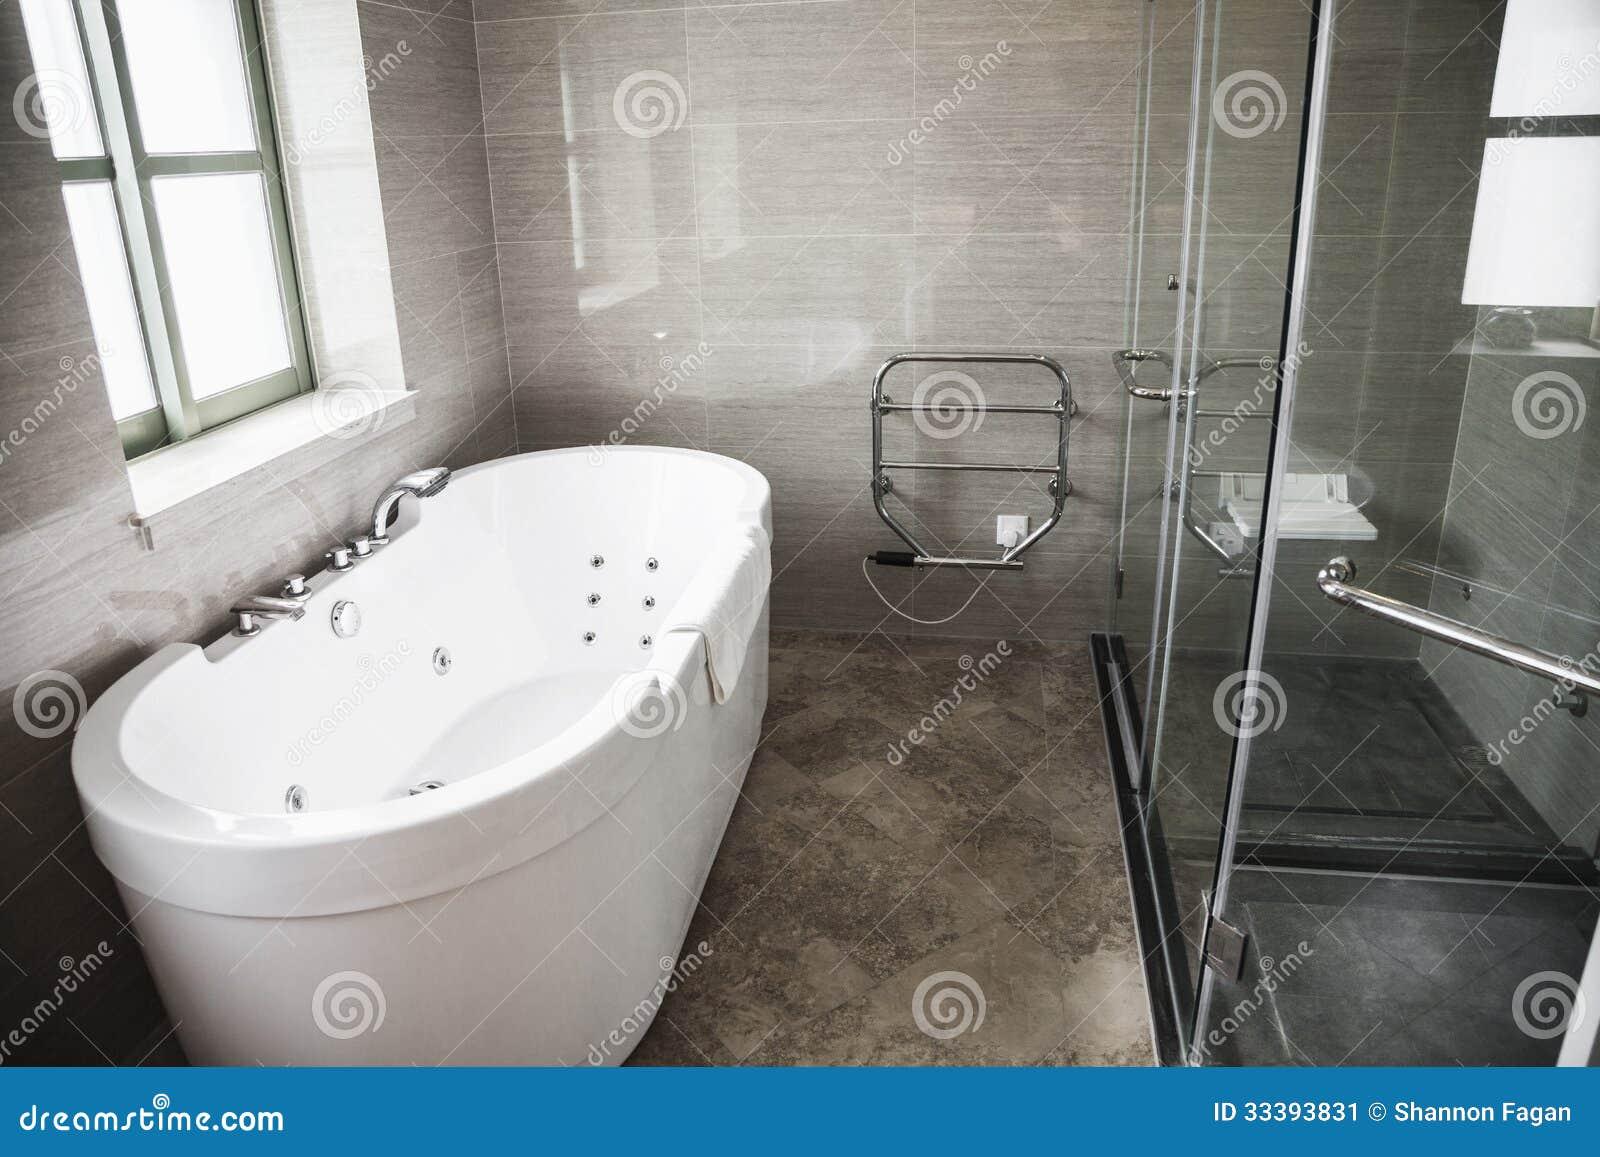 Modernes Badezimmer Mit Dusche Und Badewanne Stockfotos - Bild ... | {Modernes bad mit eckbadewanne und dusche 60}